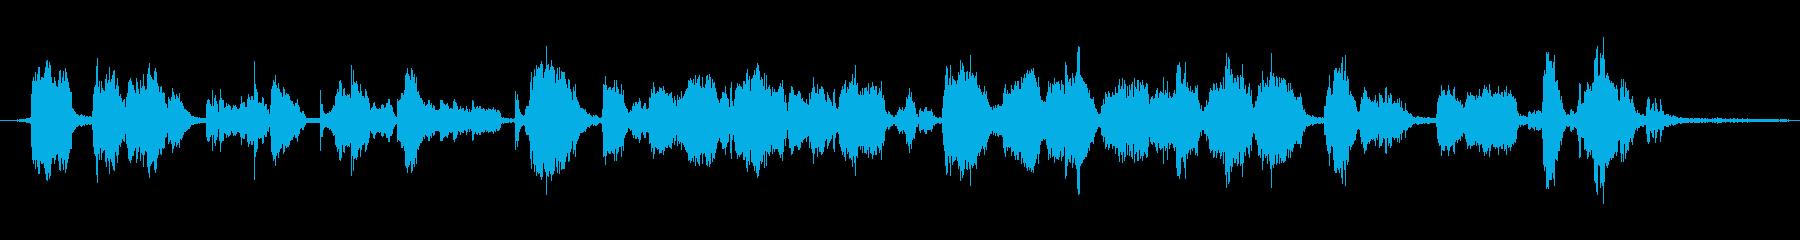 大型空気圧ホイスト:低い、重いきし...の再生済みの波形